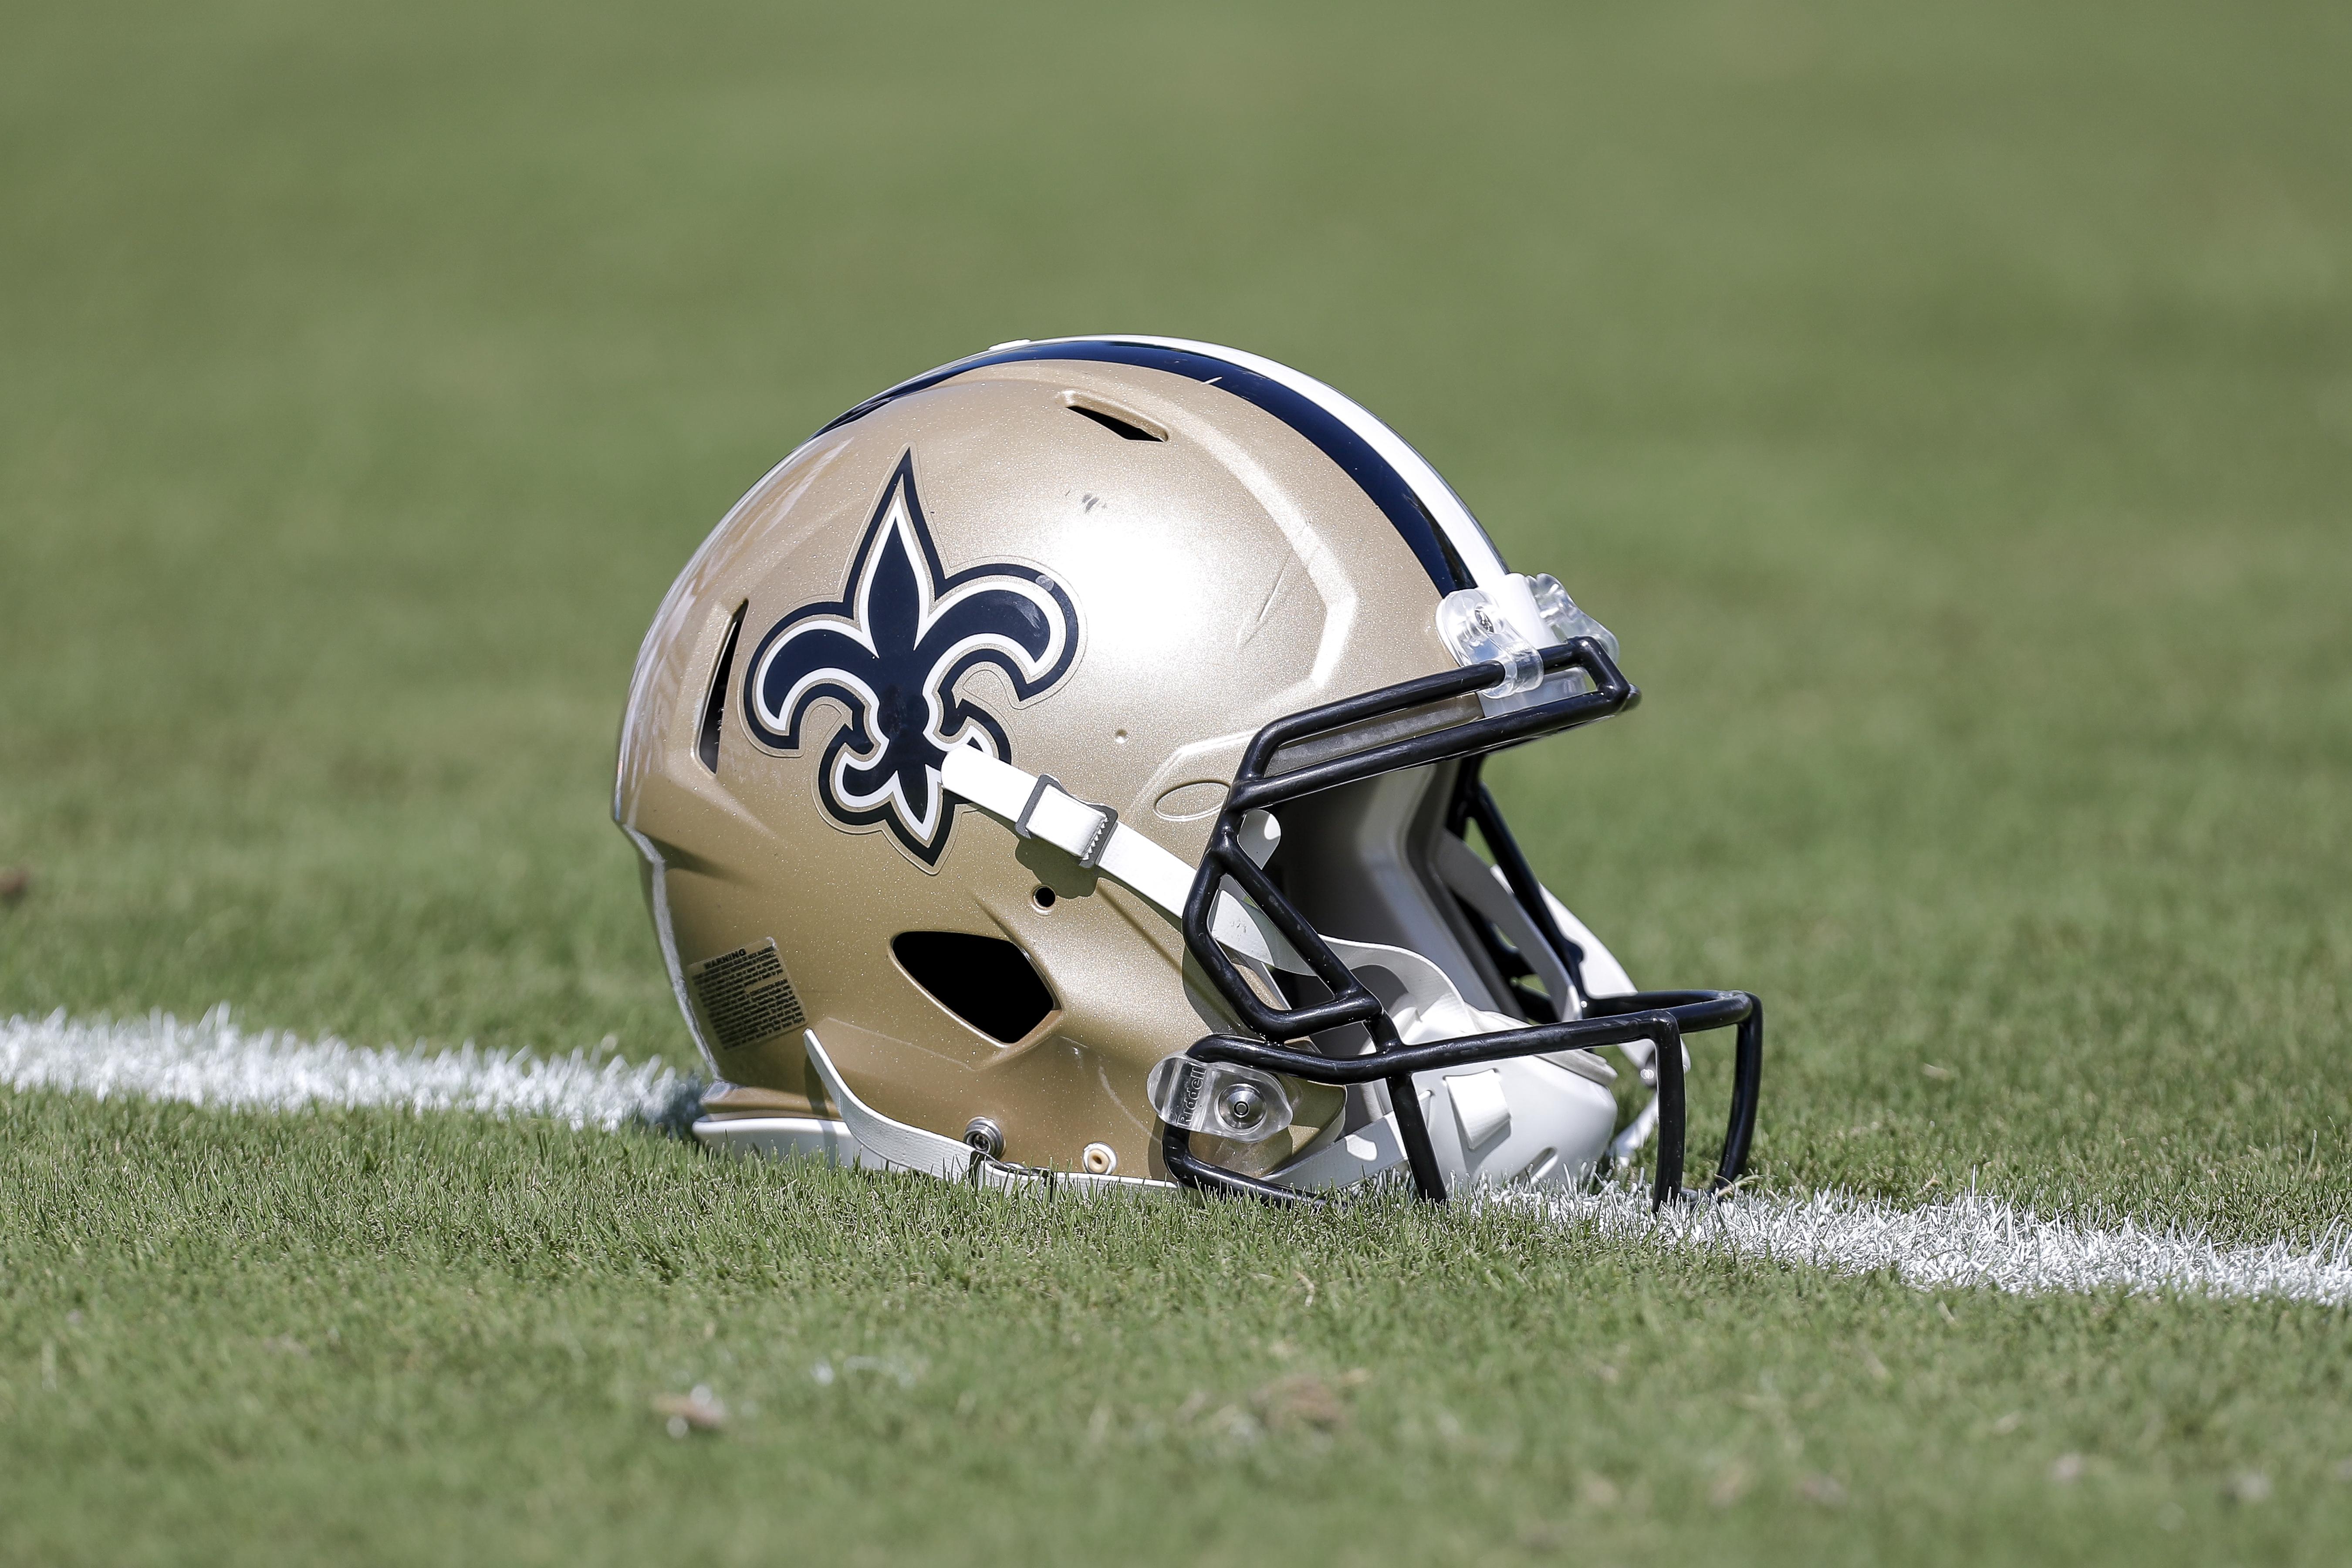 Nfl Saints Player S Covid 19 Test A False Positive Per Report